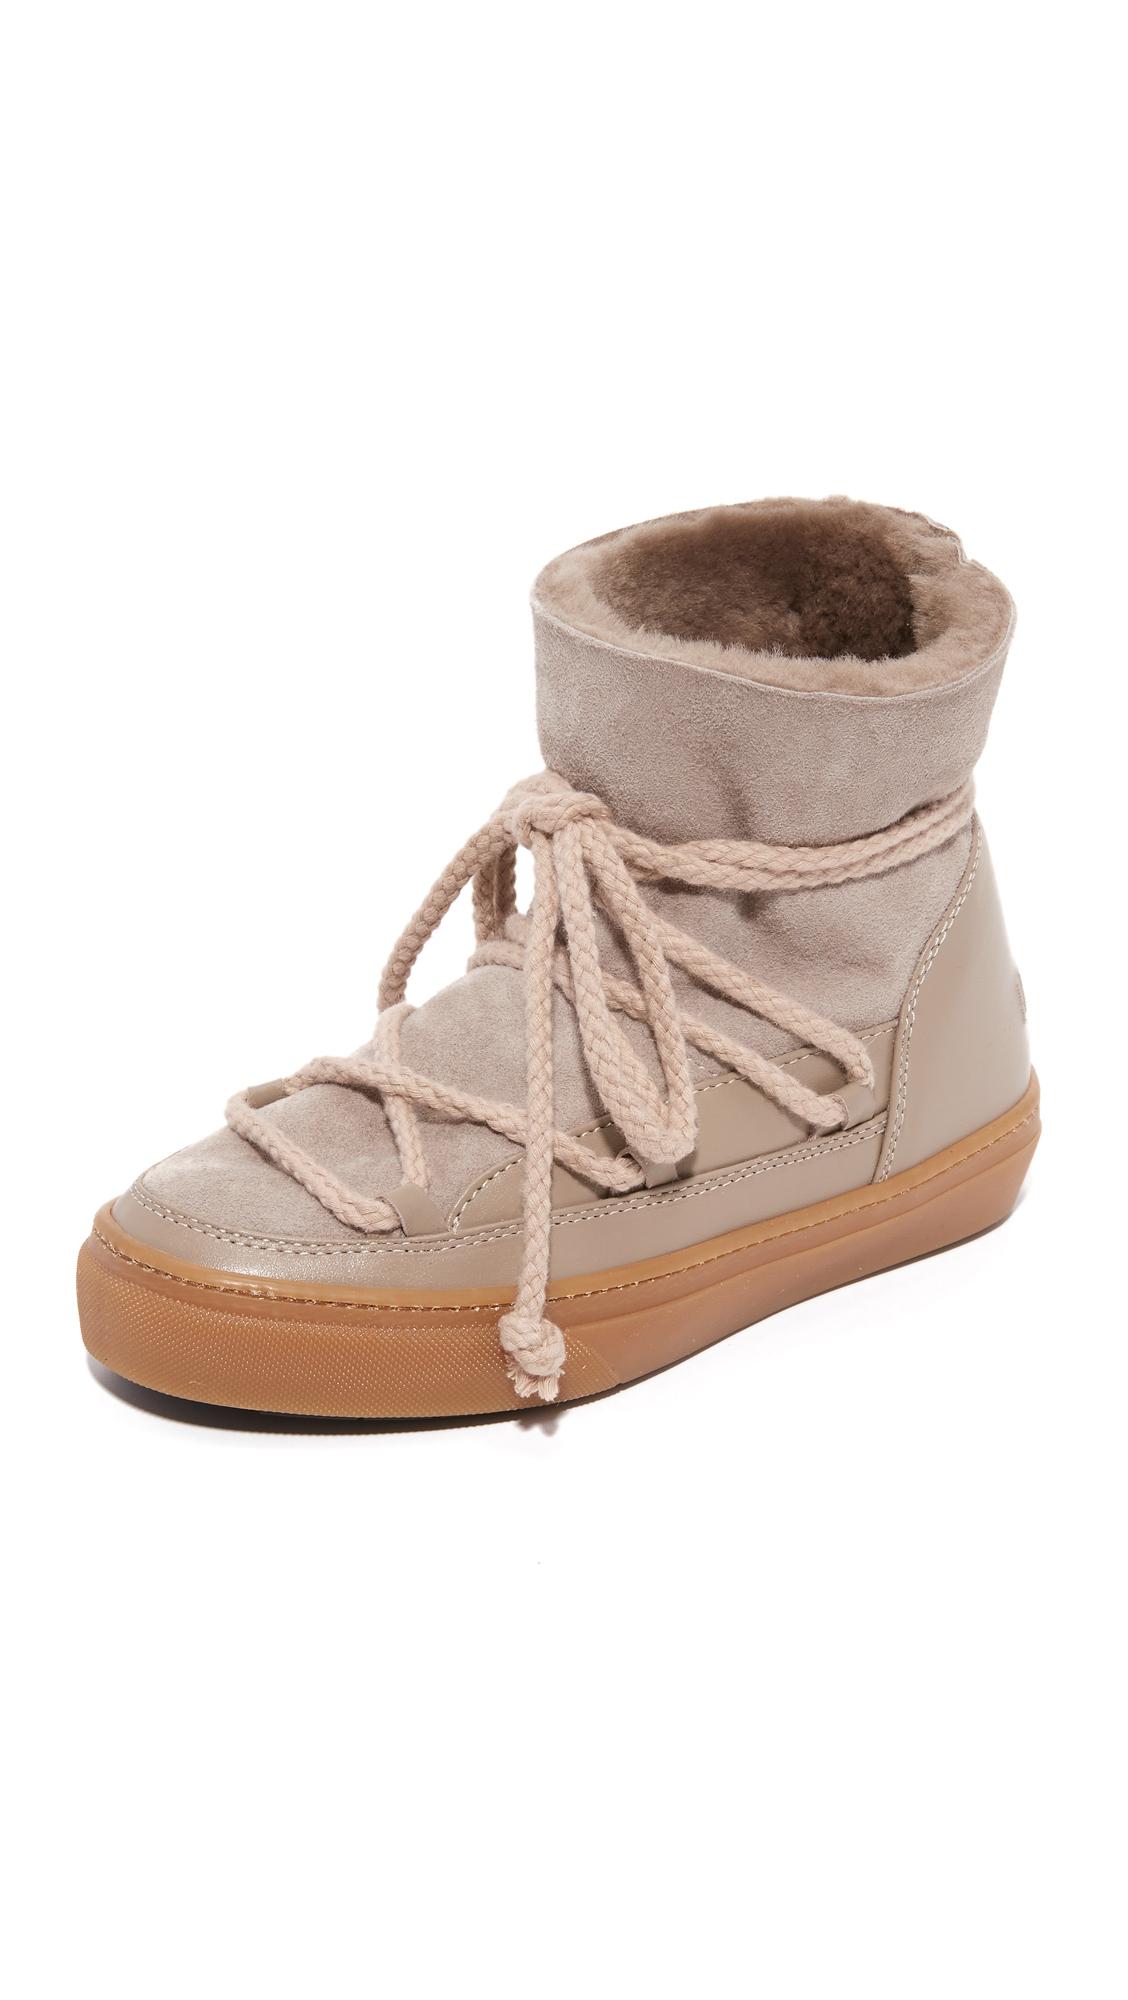 Inuiki Classic Sneaker Booties - Beige